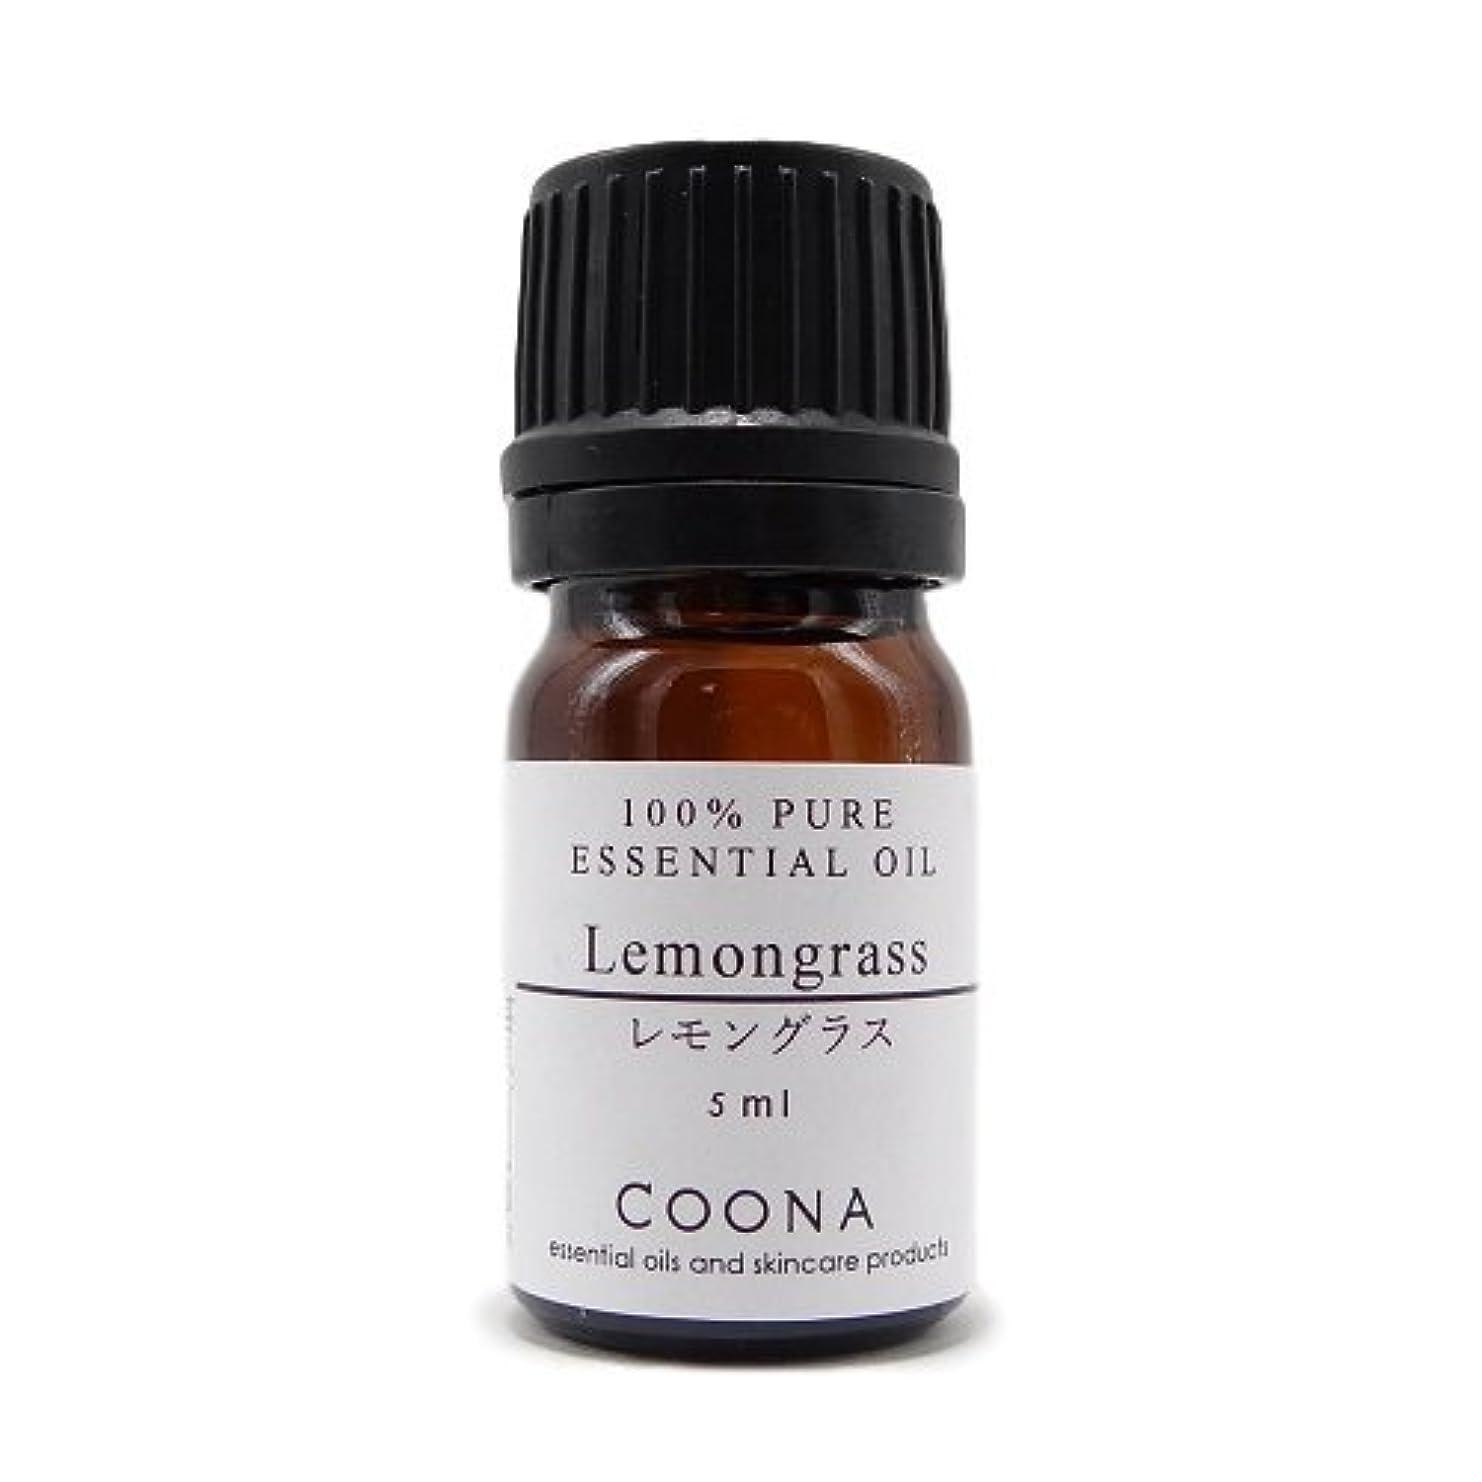 朝の体操をする大胆これらレモングラス 5ml (COONA エッセンシャルオイル アロマオイル 100%天然植物精油)